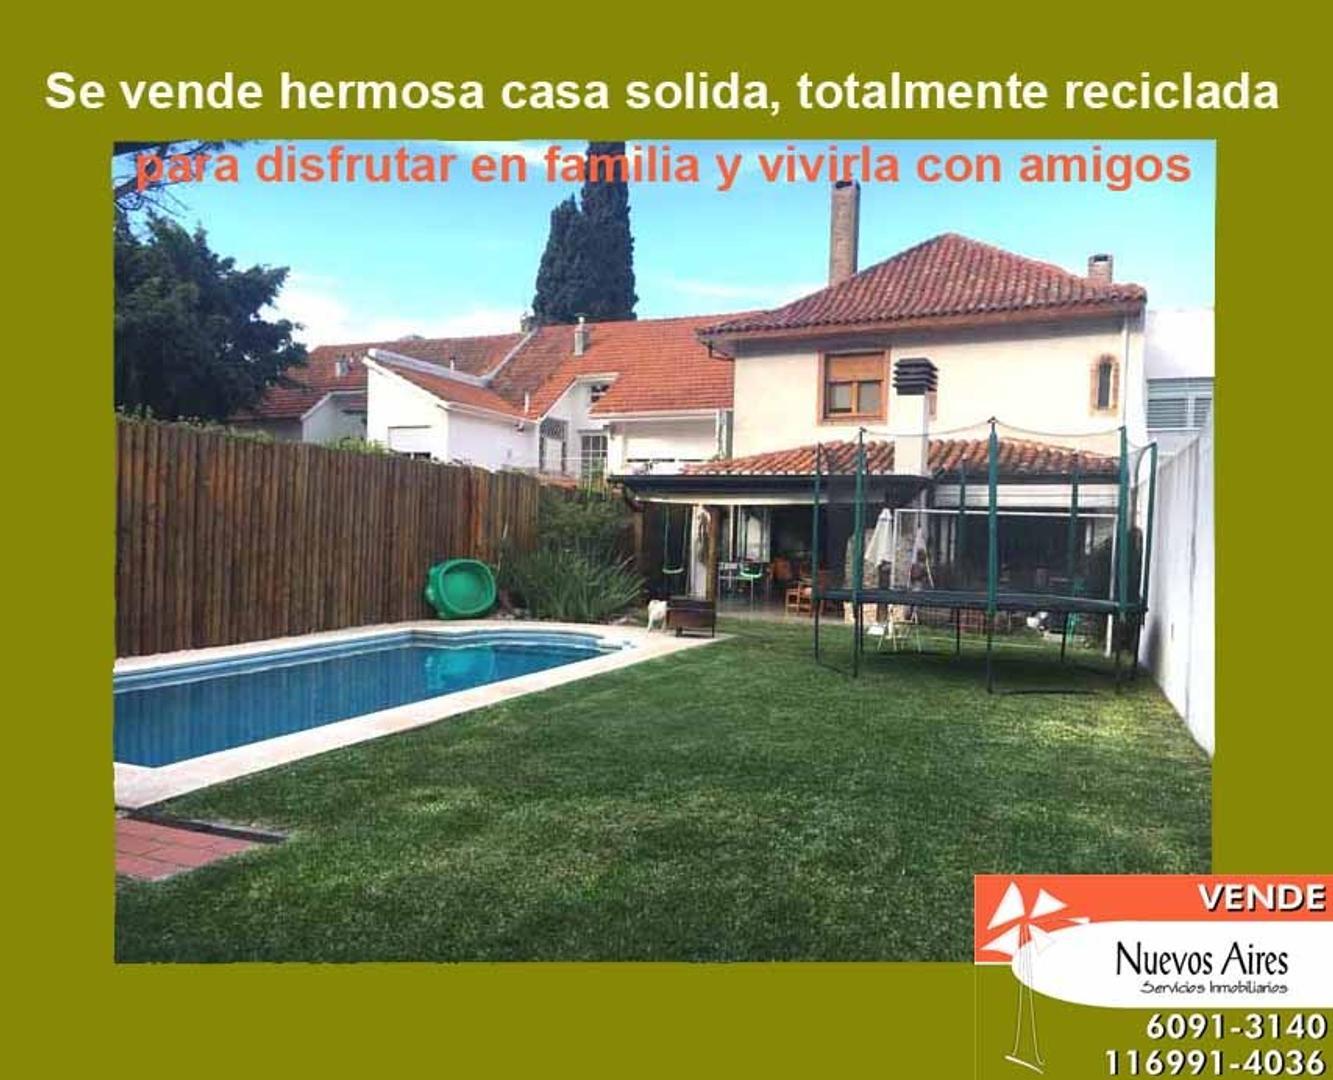 RETASADA - Casa Reciclada de 5 dormitorios + play + cochera 2 autos + jdin  + pileta + parrilla